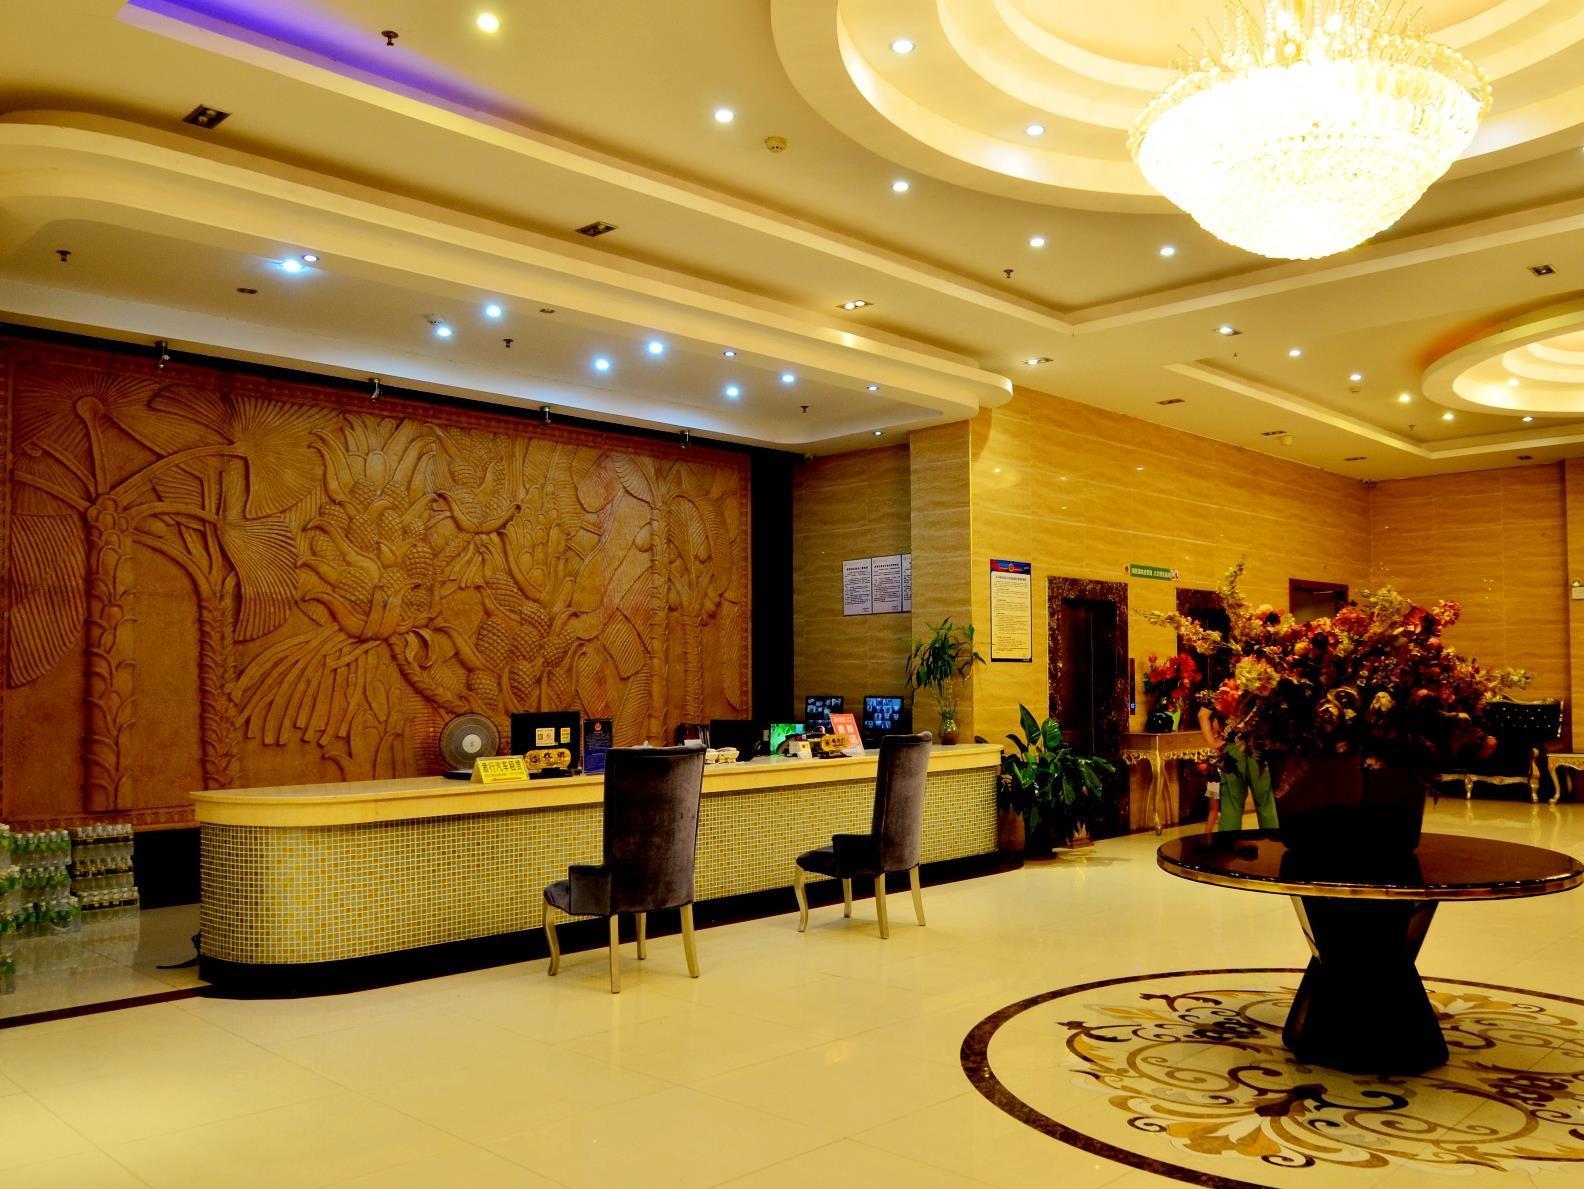 Sanya Jiulixiang Business Hotel 3